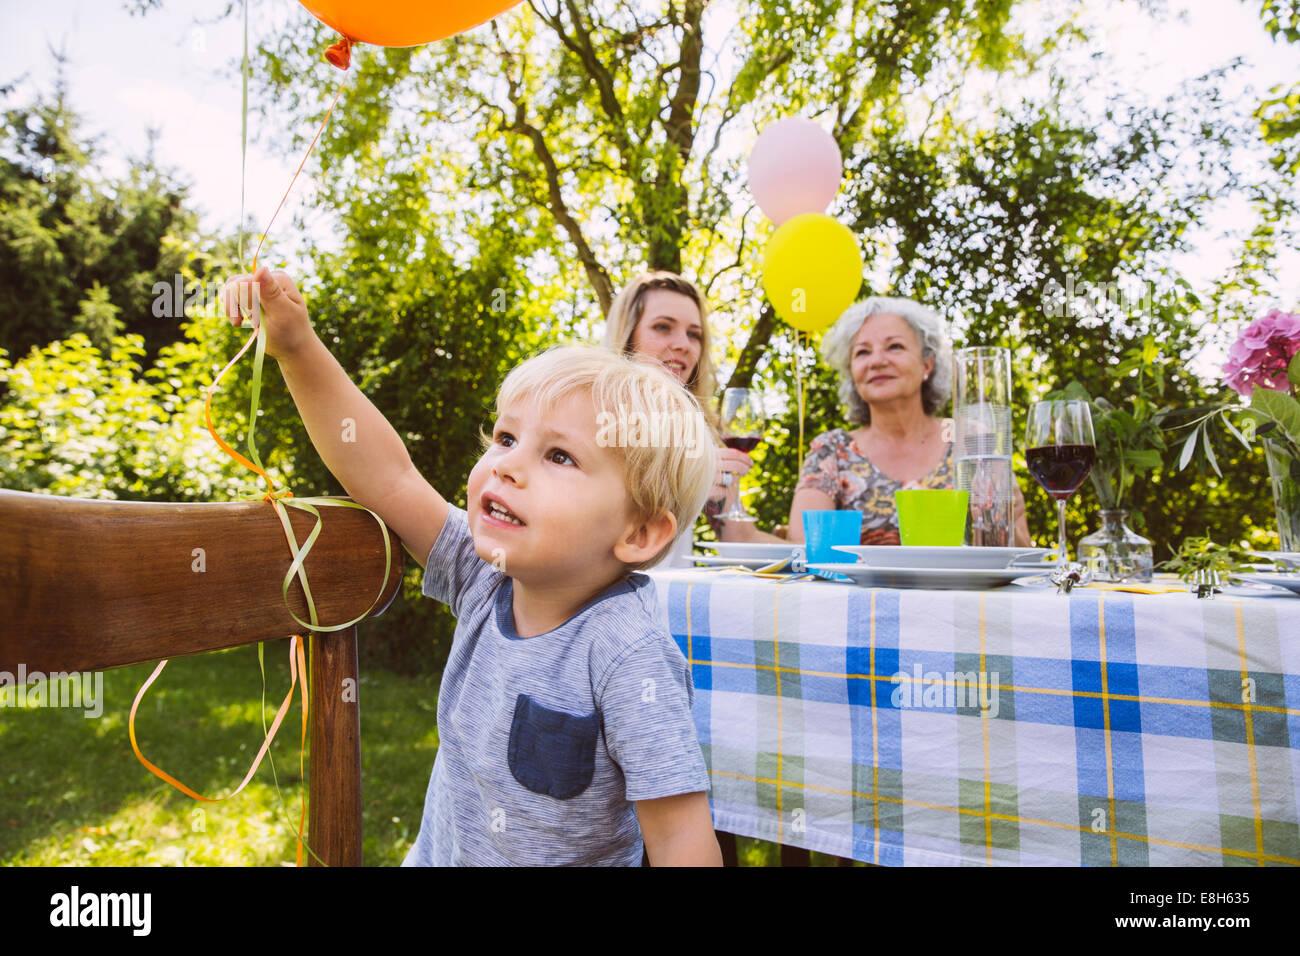 Junge am Tisch mit Familie aus drei Generationen im Garten Stockbild